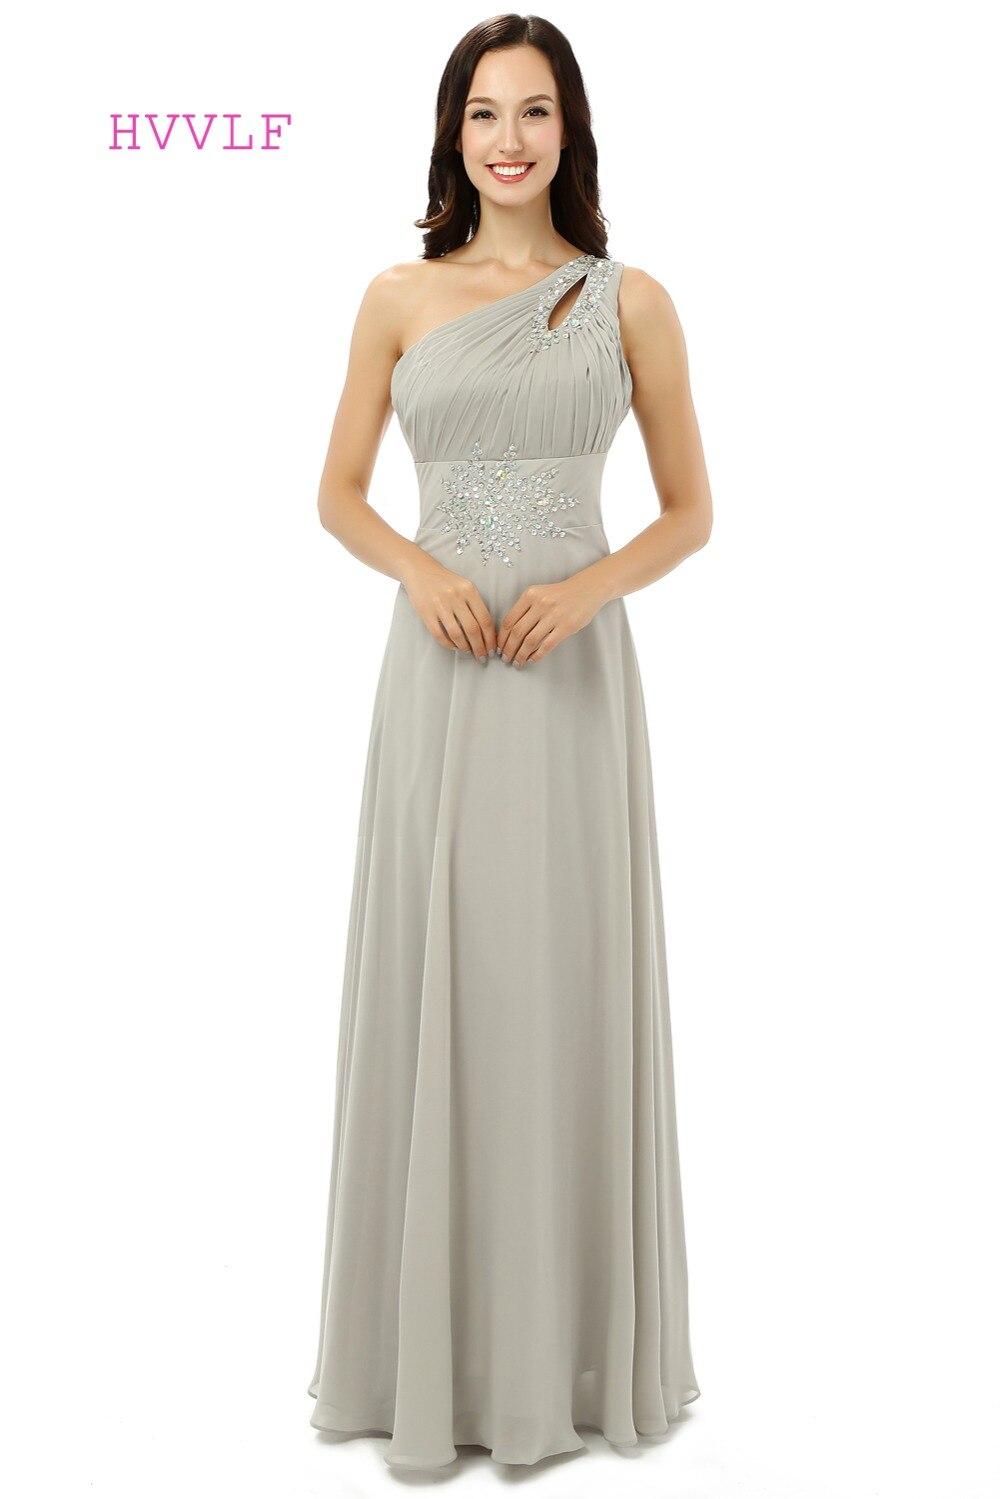 Robes de soirée de maternité 2019 a-ligne une épaule en mousseline de soie perles cristaux femmes formelle longue robe de soirée robe de bal robe de bal